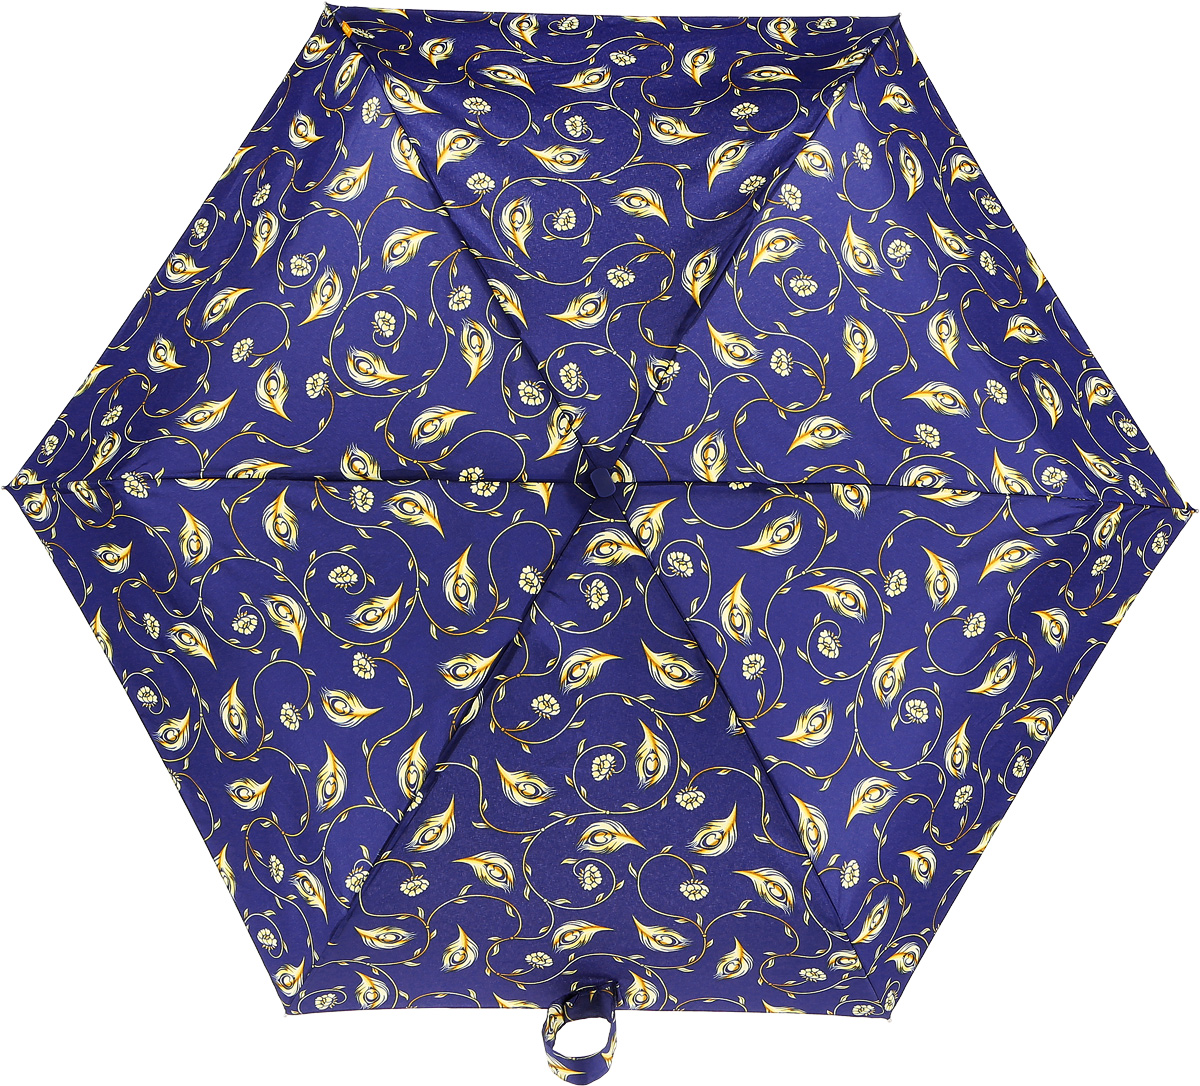 Зонт женский Zest, механический, 5 сложений, цвет: синий, желтый. 25518-269Пуссеты (гвоздики)Компактный женский зонт Zest выполнен из металла, пластика и оформлен ярким принтом.Каркас зонта выполнен из шести спиц на прочном стержне. На концах спиц предусмотрены металлические элементы, которые защитят владельца от травм. Купол зонта изготовлен прочного полиэстера. Закрытый купол застегивается на липучку хлястиком. Практичная рукоятка закругленной формы разработана с учетом требований эргономики и выполнена из пластика.Зонт складывается и раскладывается механическим способом.Такой зонт не только надежно защитит от дождя, но и станет стильным аксессуаром.